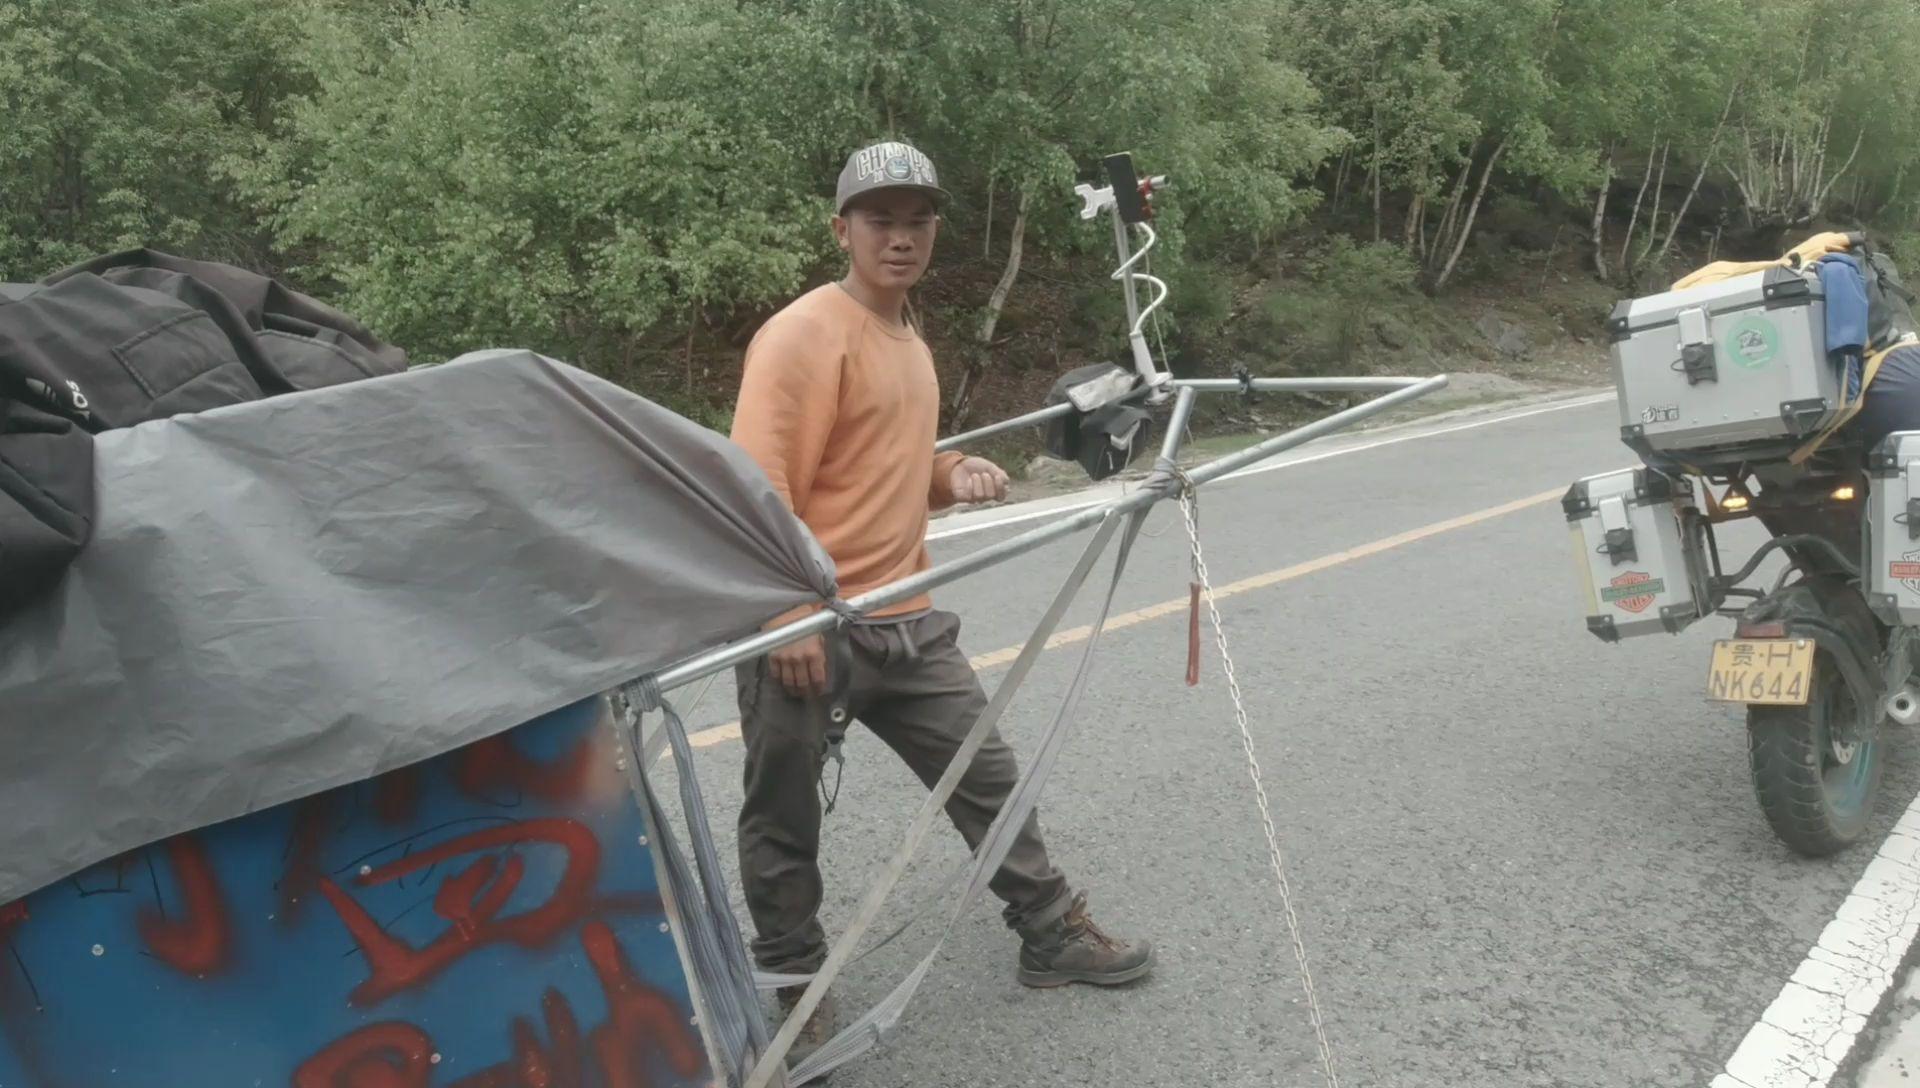 搭帐篷露营,遇到打雷暴雨怎么办,听徒步小哥怎么说